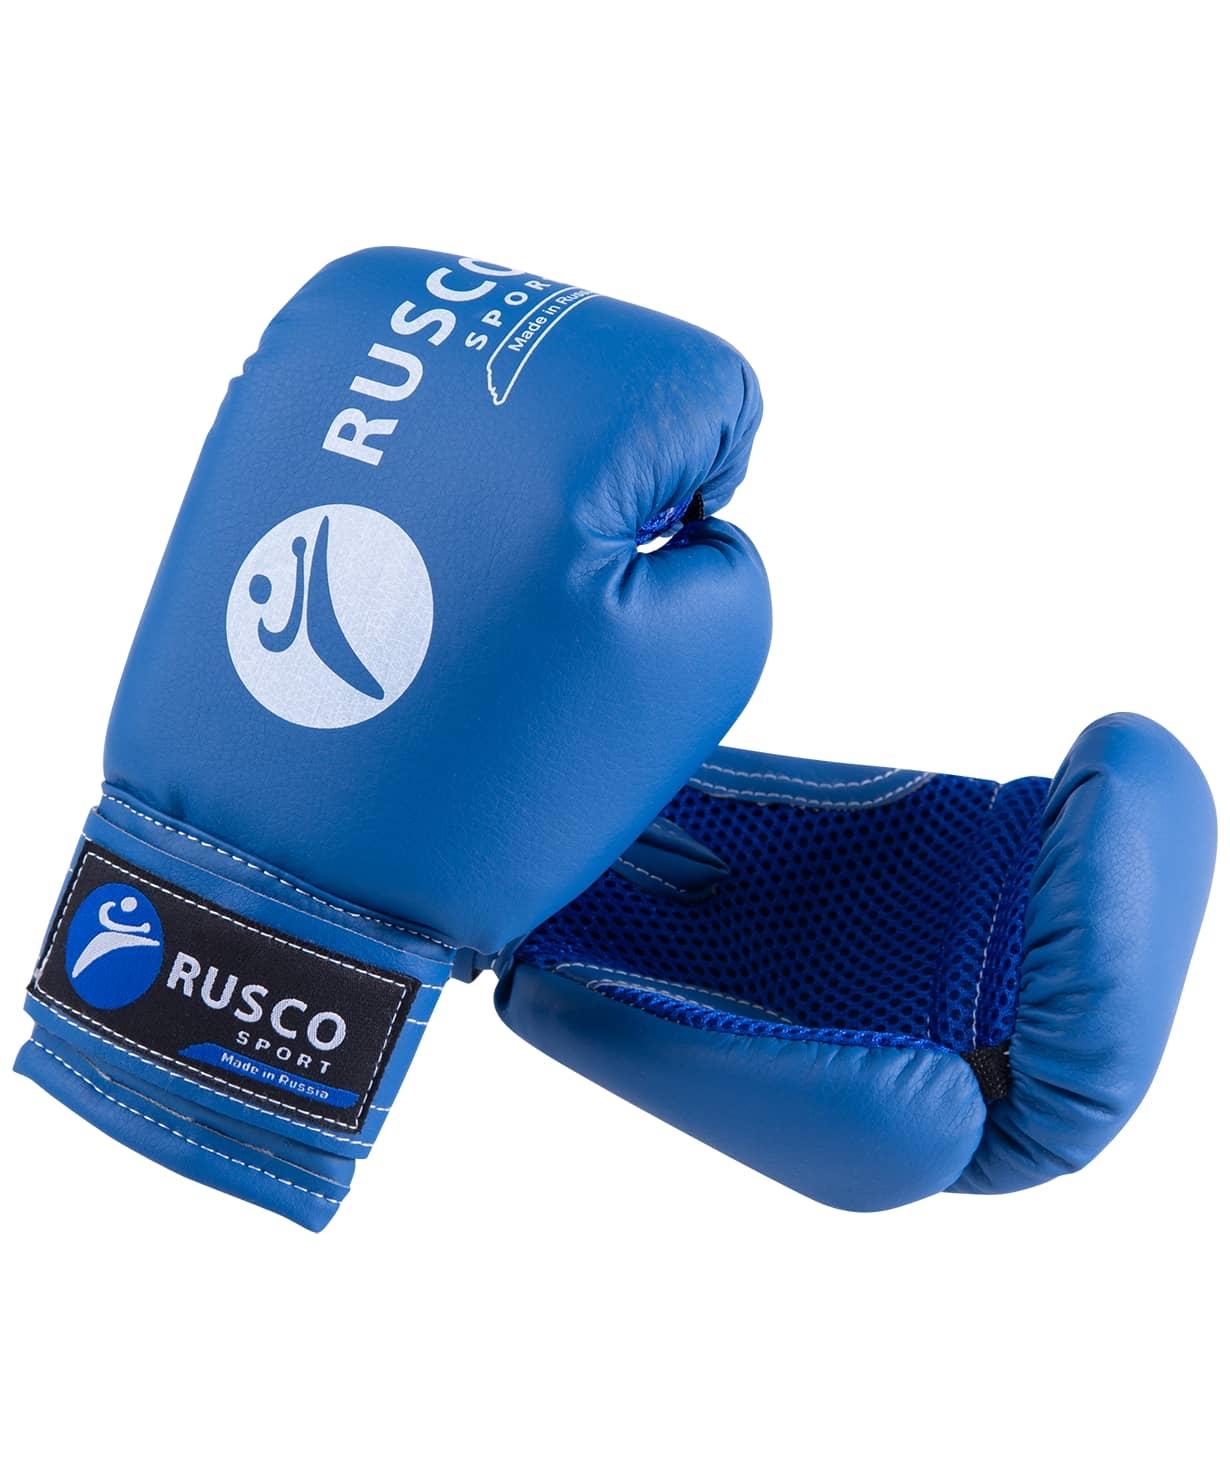 Набор для бокса, 6oz, к/з, черный/синий